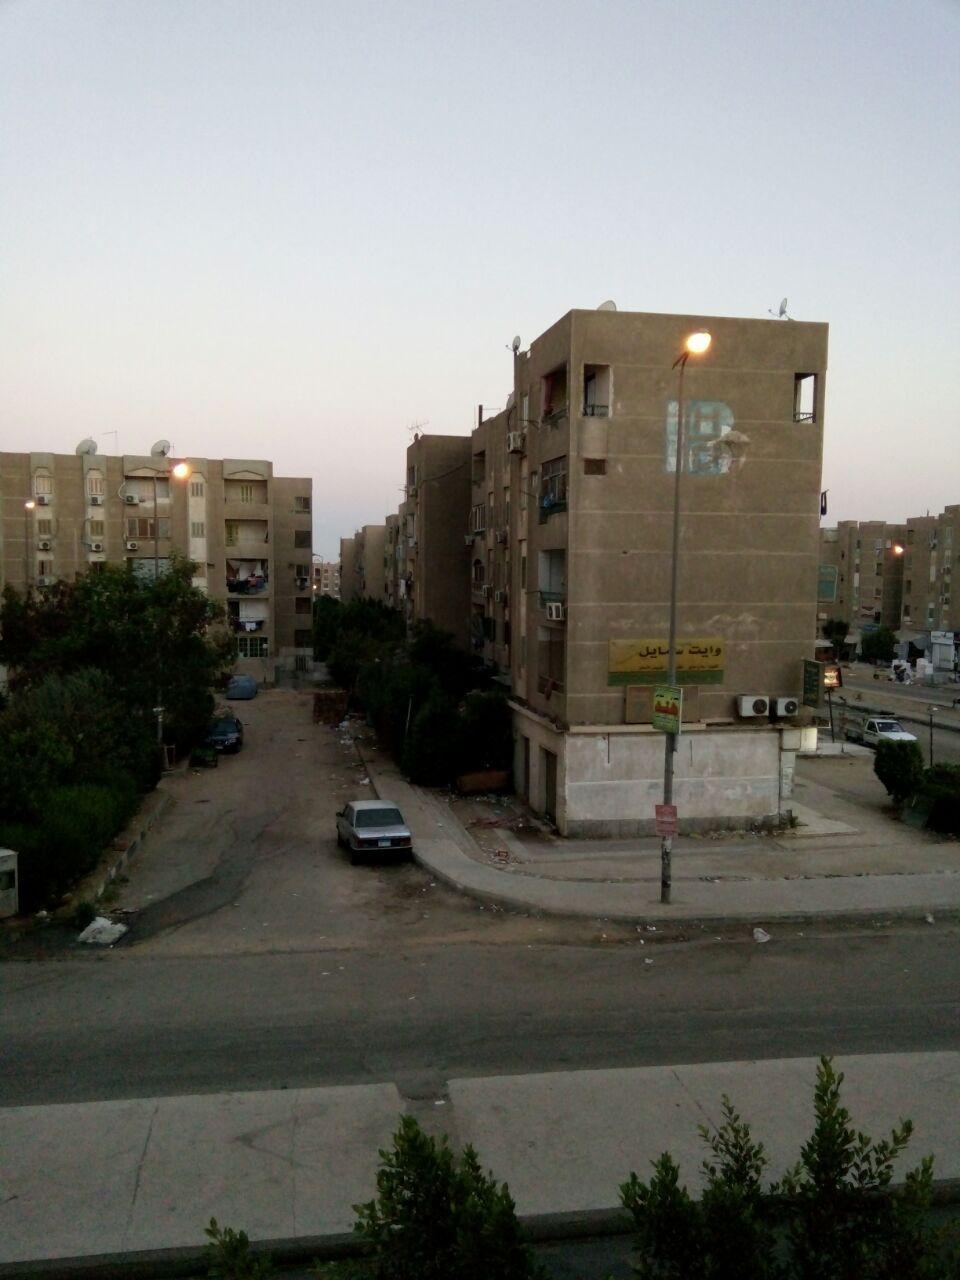 طفوا النور.. شوارع التجمع الأول بالقاهرة الجديدة مضاءة نهارًا (صورة)